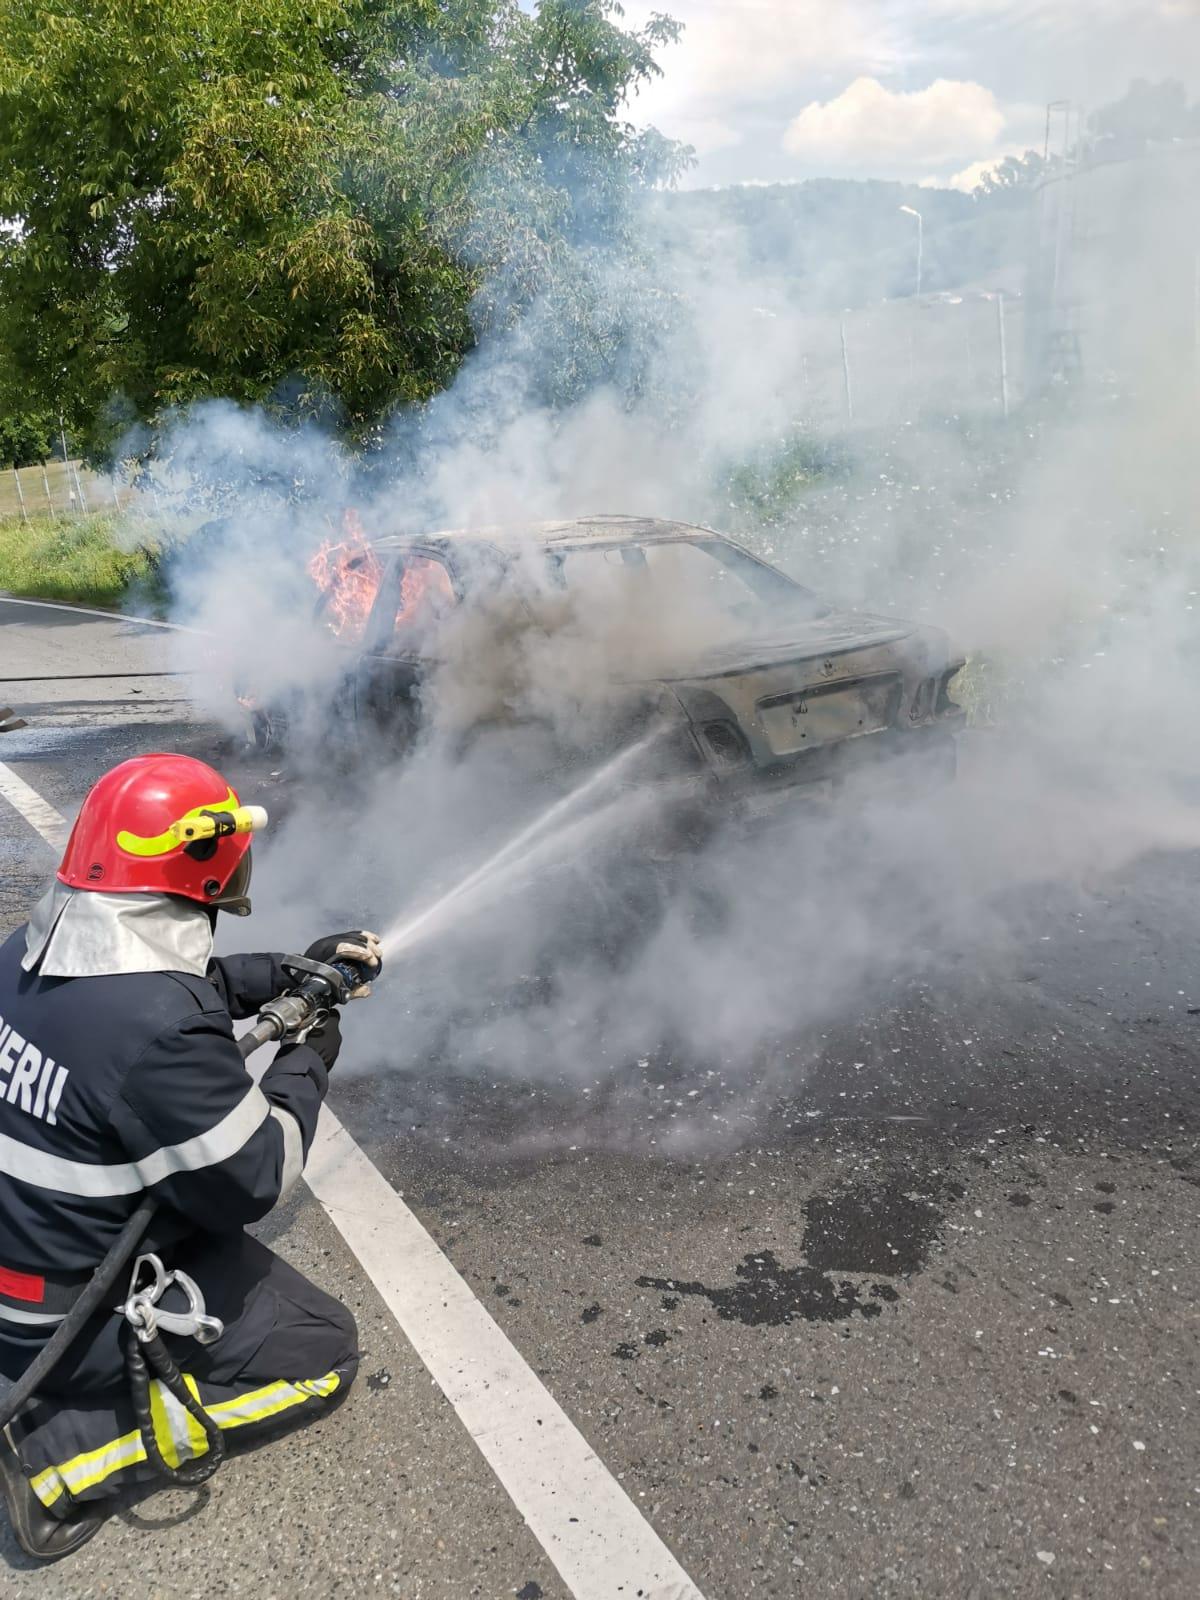 Update incendiu auto Blăjel: Incendiul a pornit de la un scurtcircuit